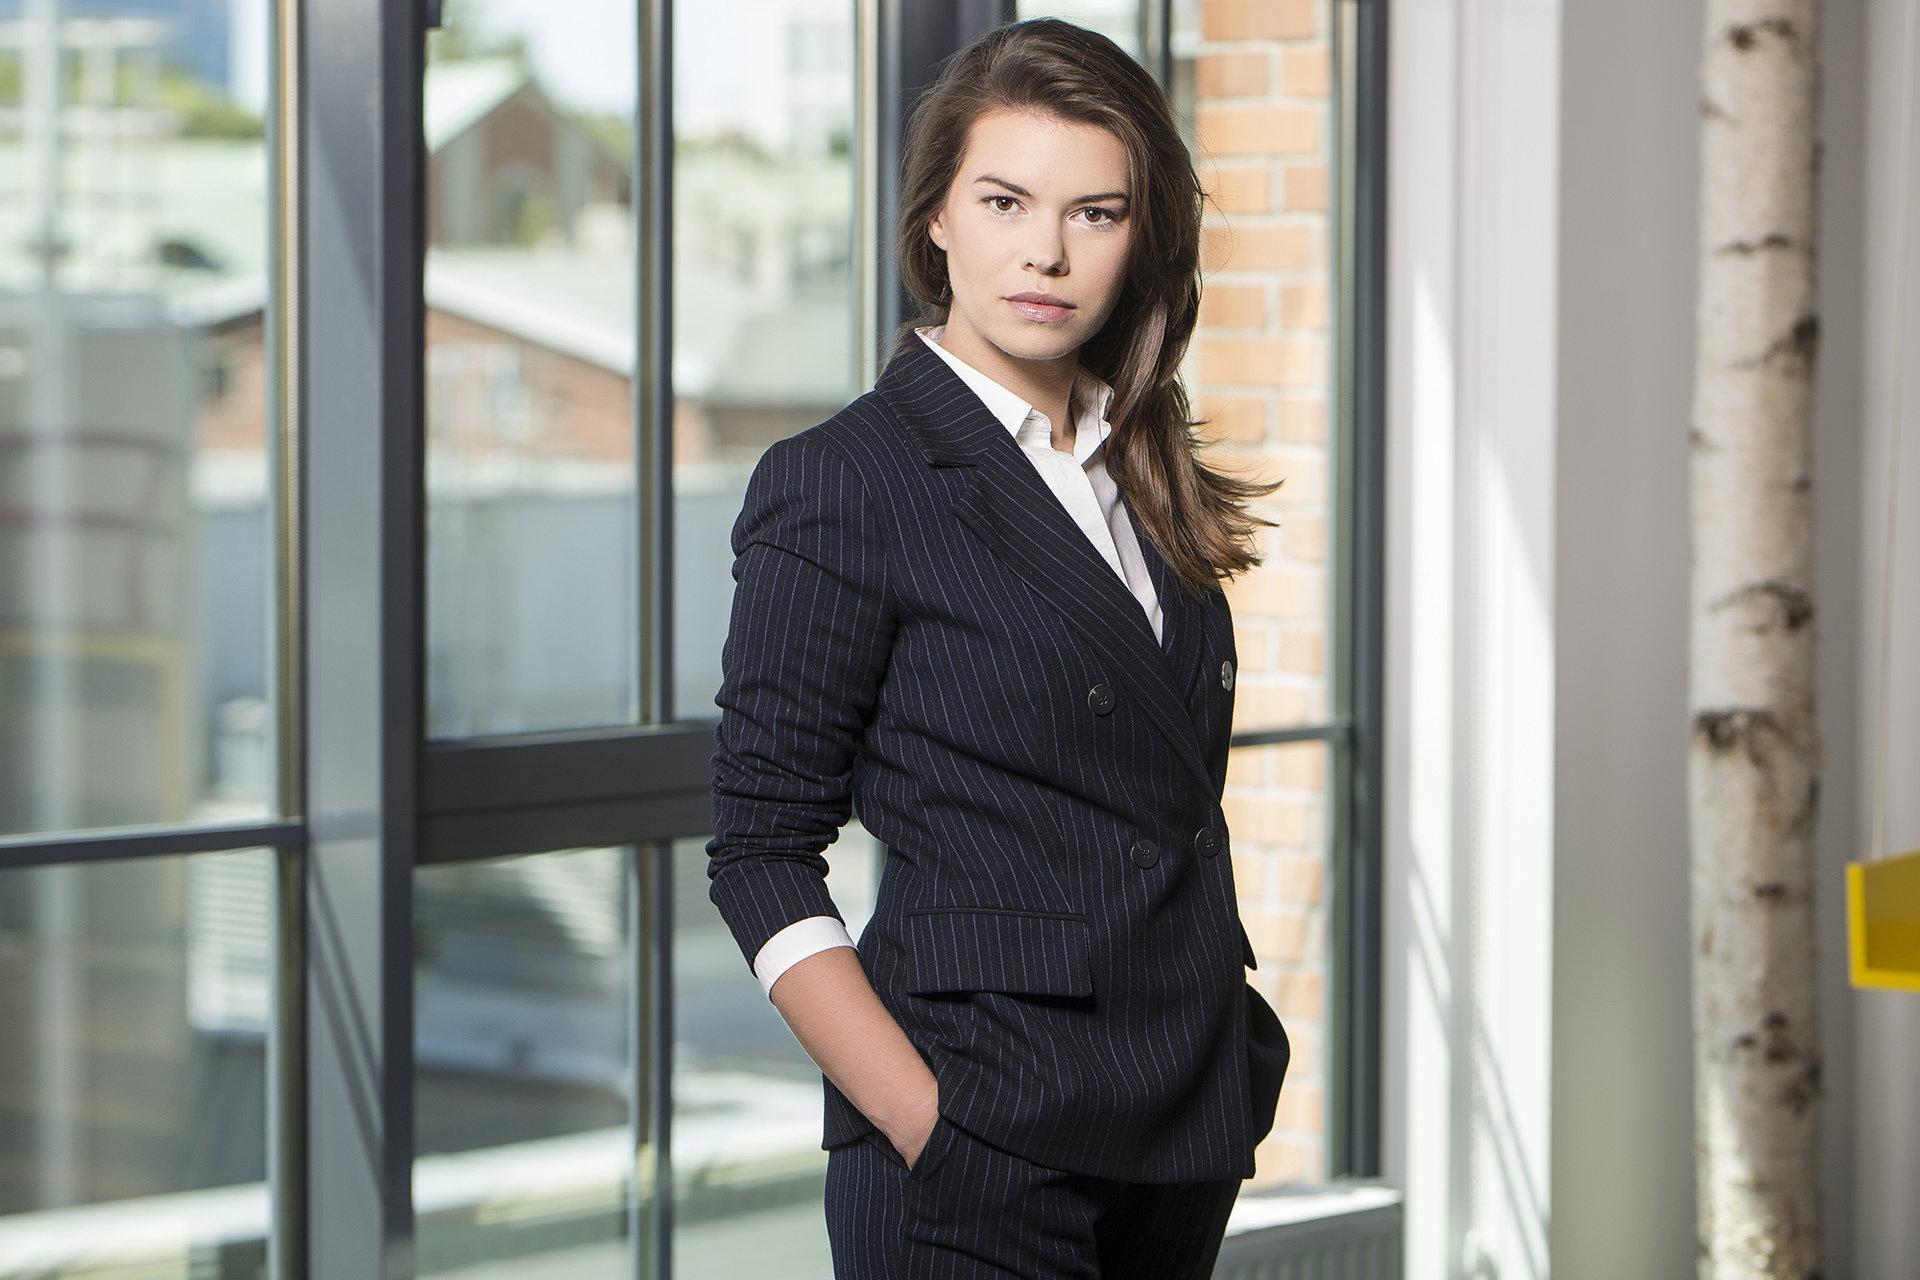 Weronika Ośko dołączyła do Deloitte Digital